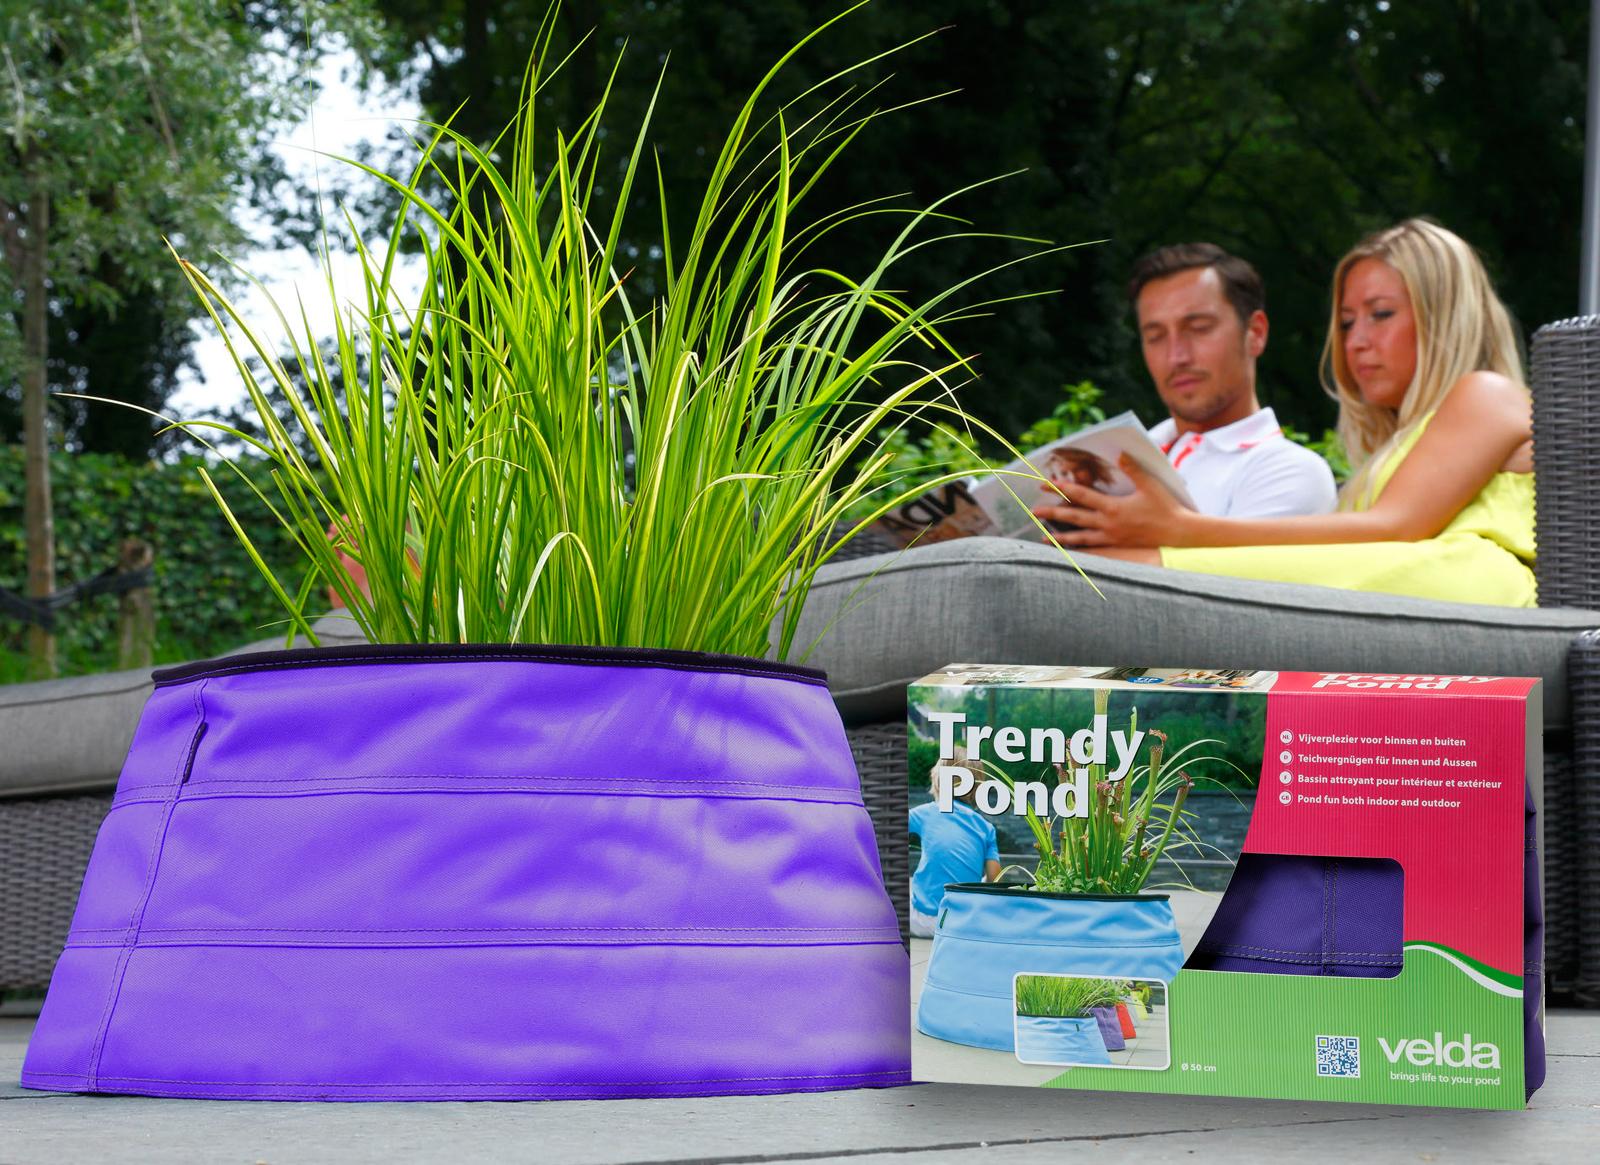 tttrendy pond outdoor purple 50 cm 25 l terassenteich balkonteich miniteich teic. Black Bedroom Furniture Sets. Home Design Ideas